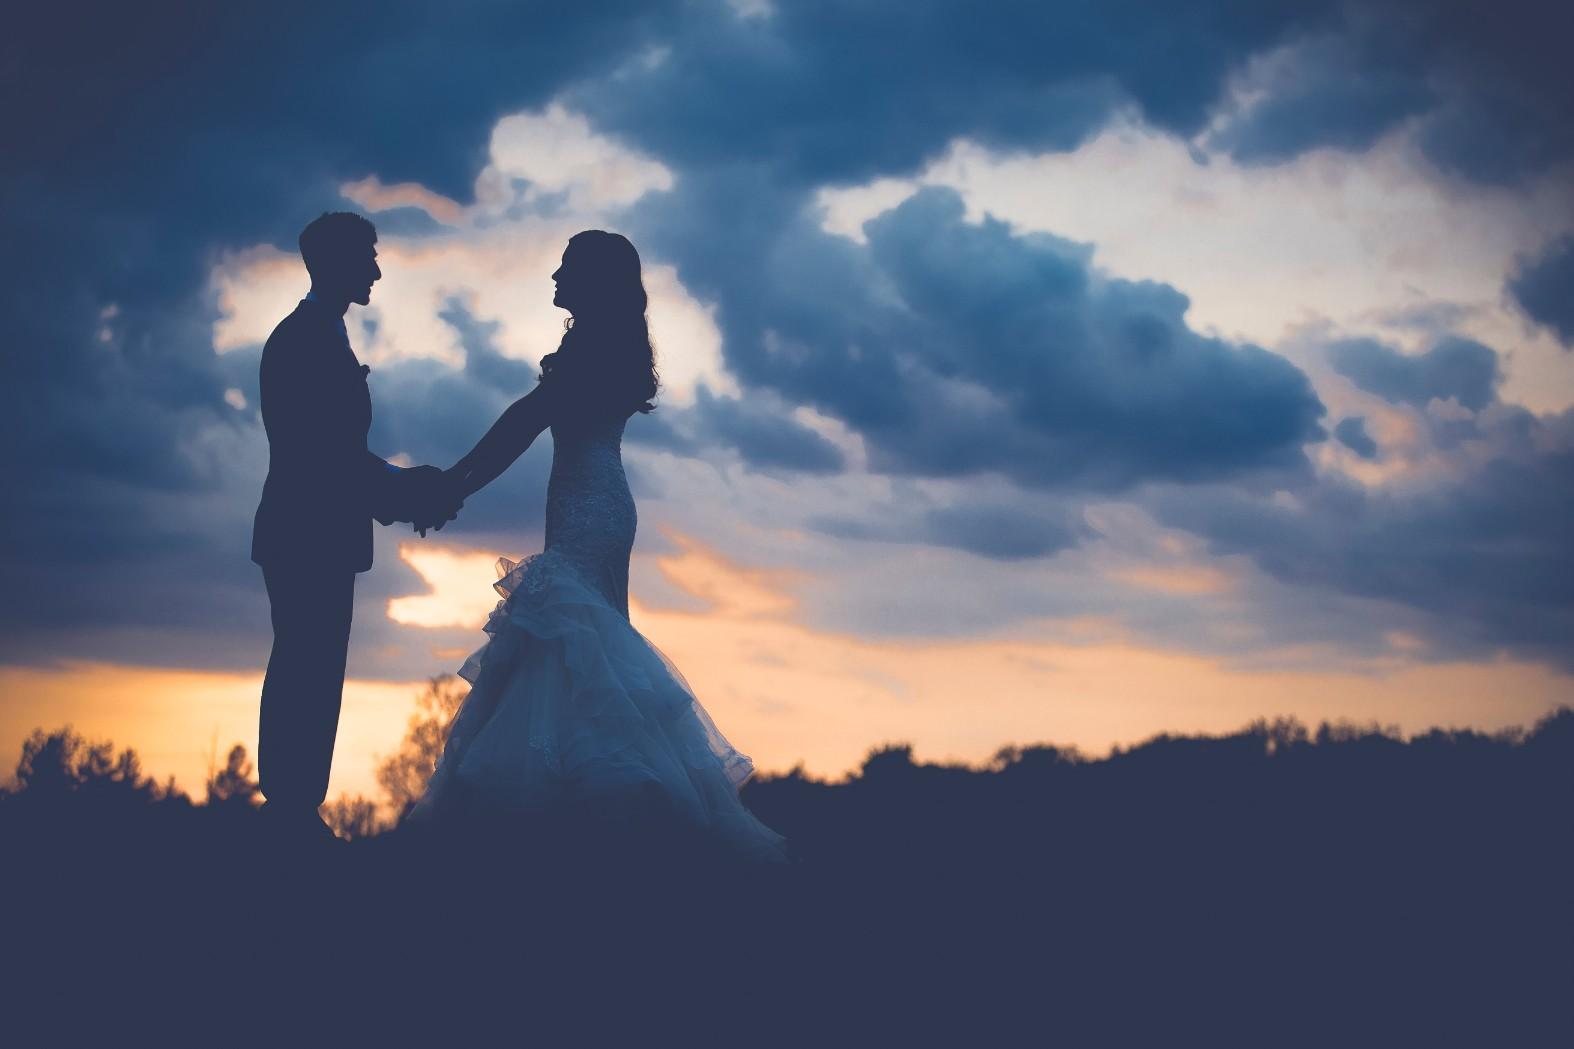 結婚式の新郎新婦と夕焼け